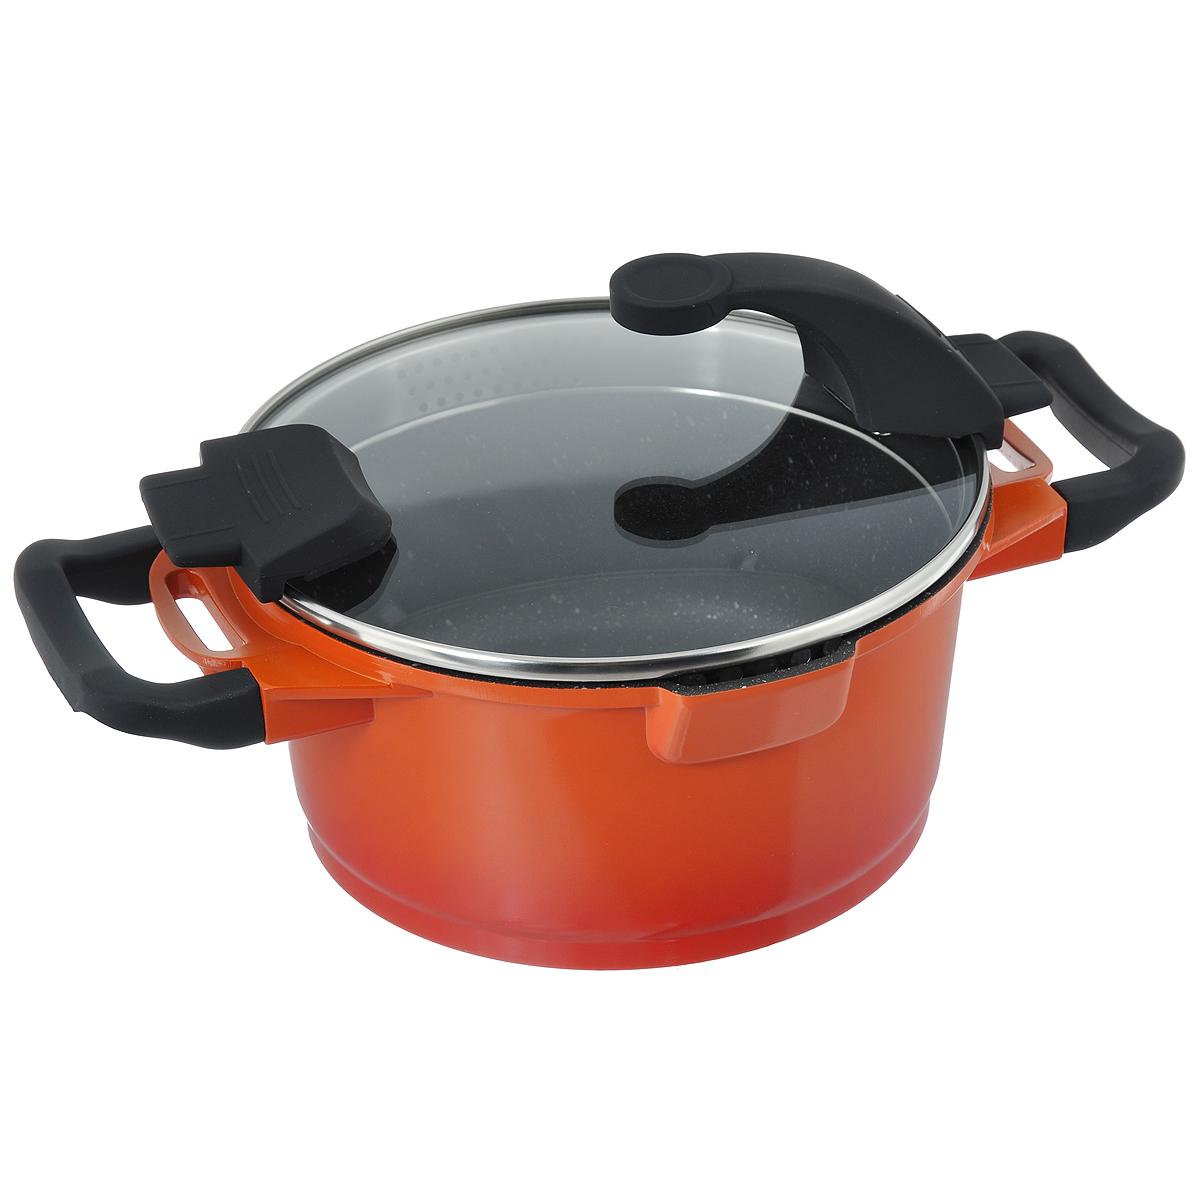 Кастрюля BergHOFF Virgo Orange с крышкой, с антипригарным покрытием, цвет: оранжево-красный, 2,7 л кастрюля berghoff virgo orange с крышкой с антипригарным покрытием цвет оранжево красный 4 6 л